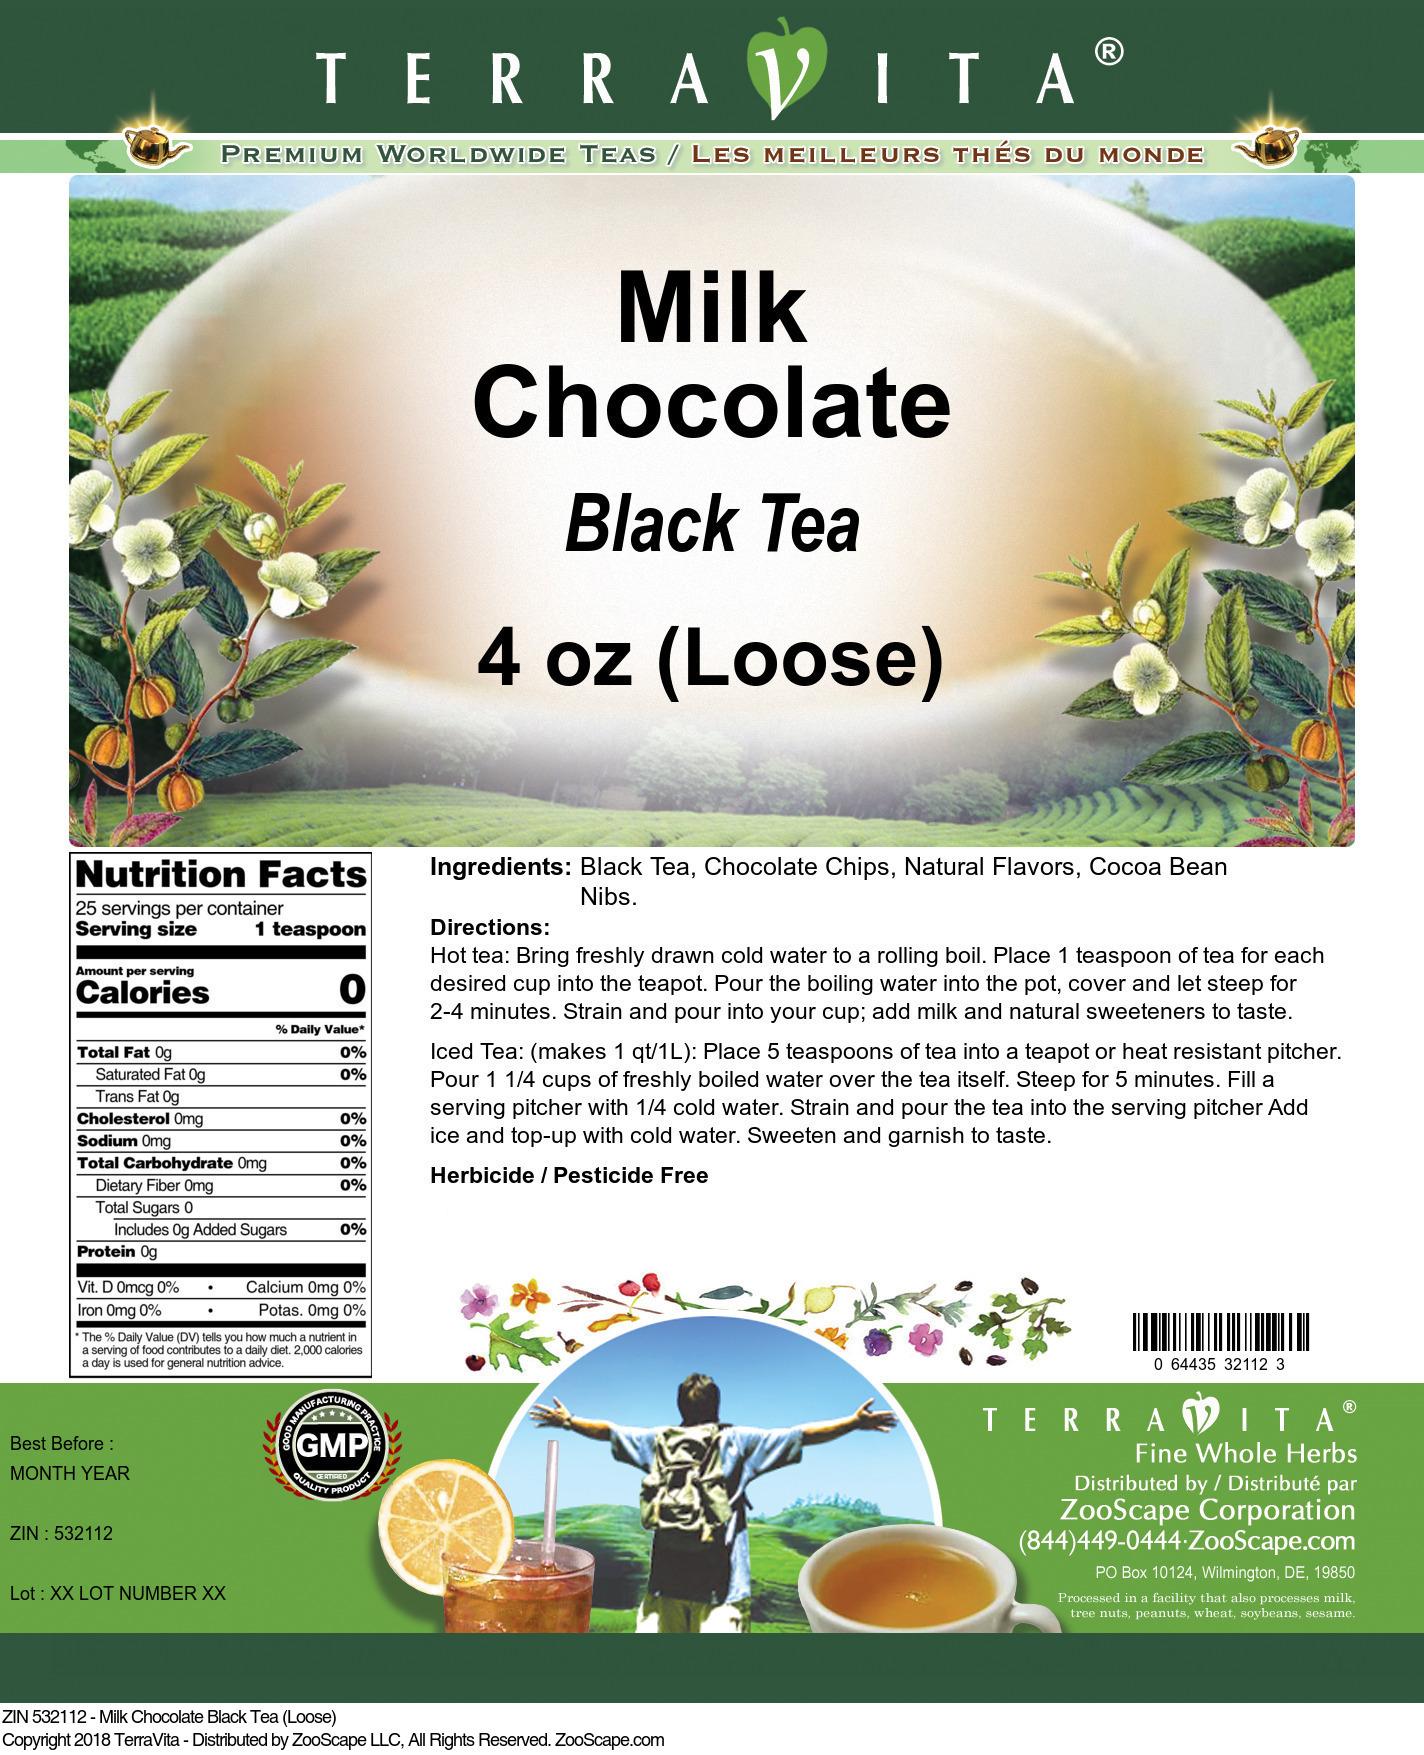 Milk Chocolate Black Tea